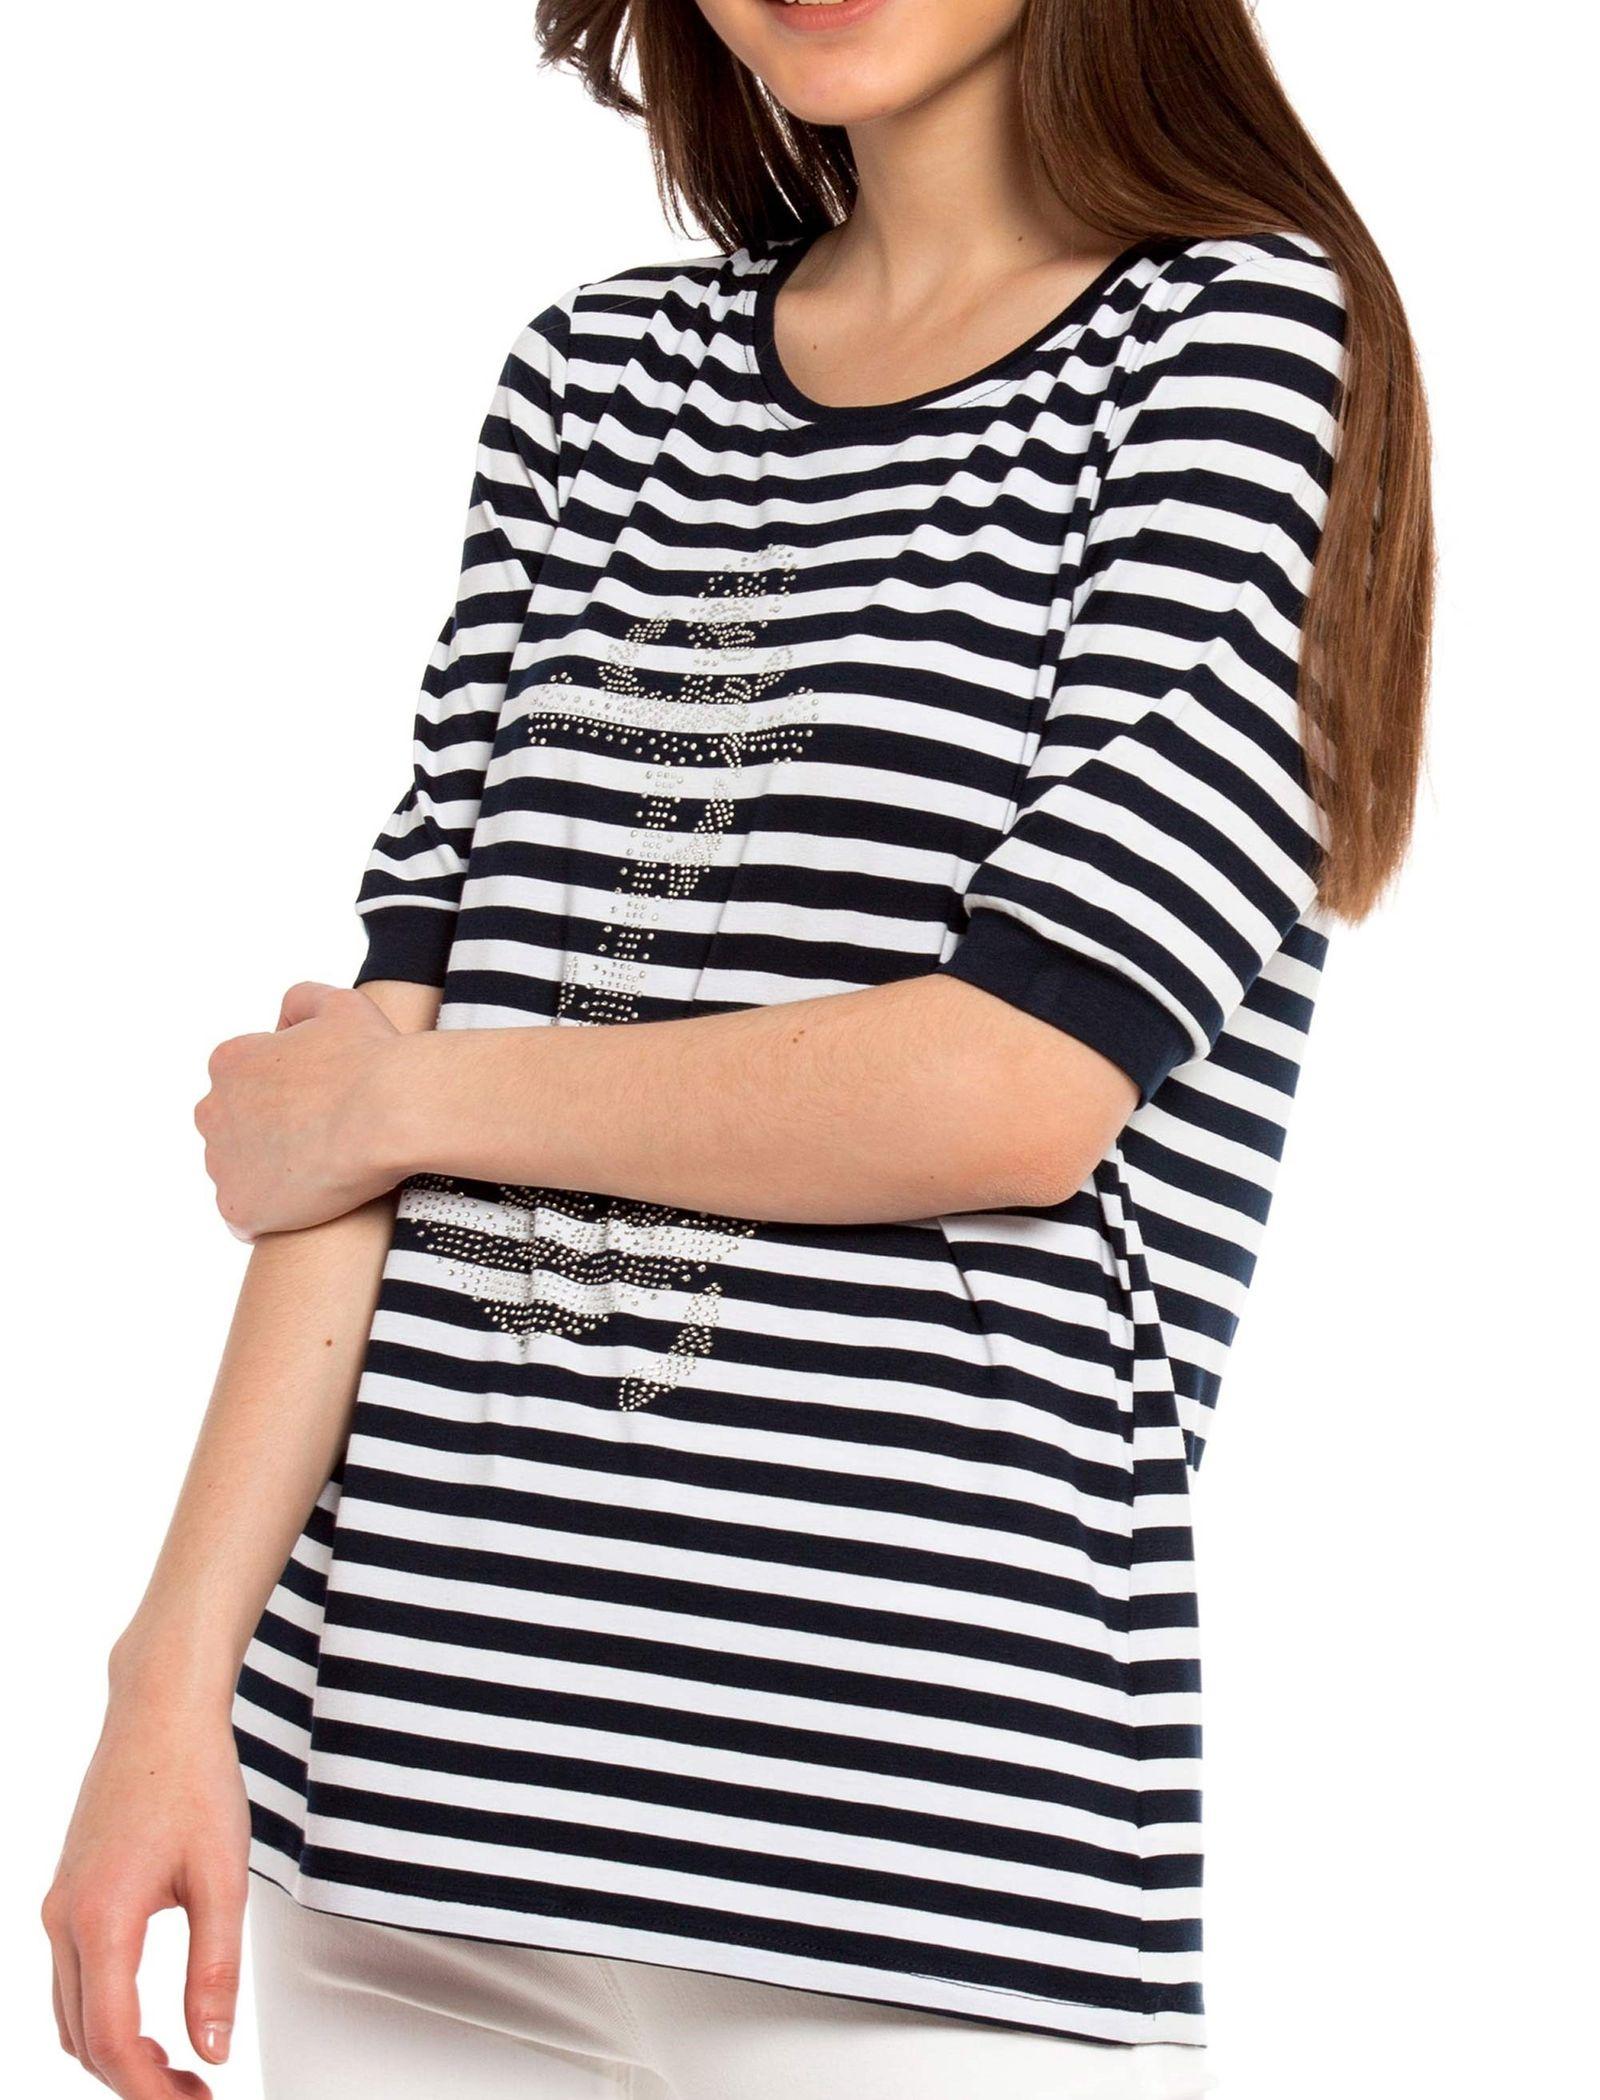 تی شرت ویسکوز یقه گرد زنانه - ال سی وایکیکی - سرمه اي و سفيد - 1